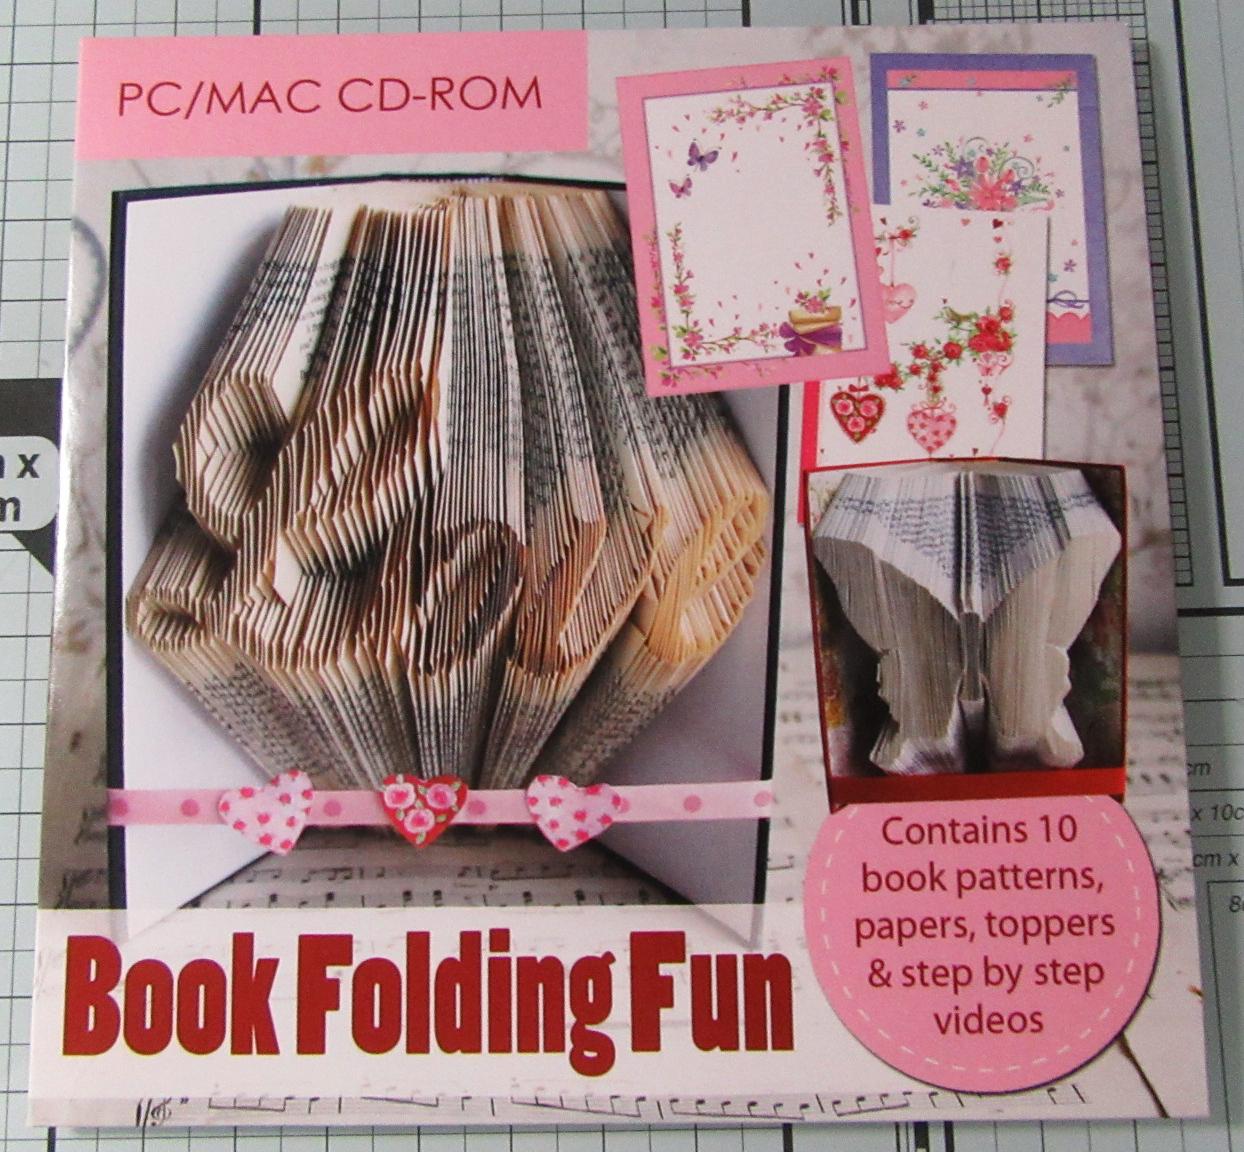 Living Creatively with Fibro | Book Folding Fun